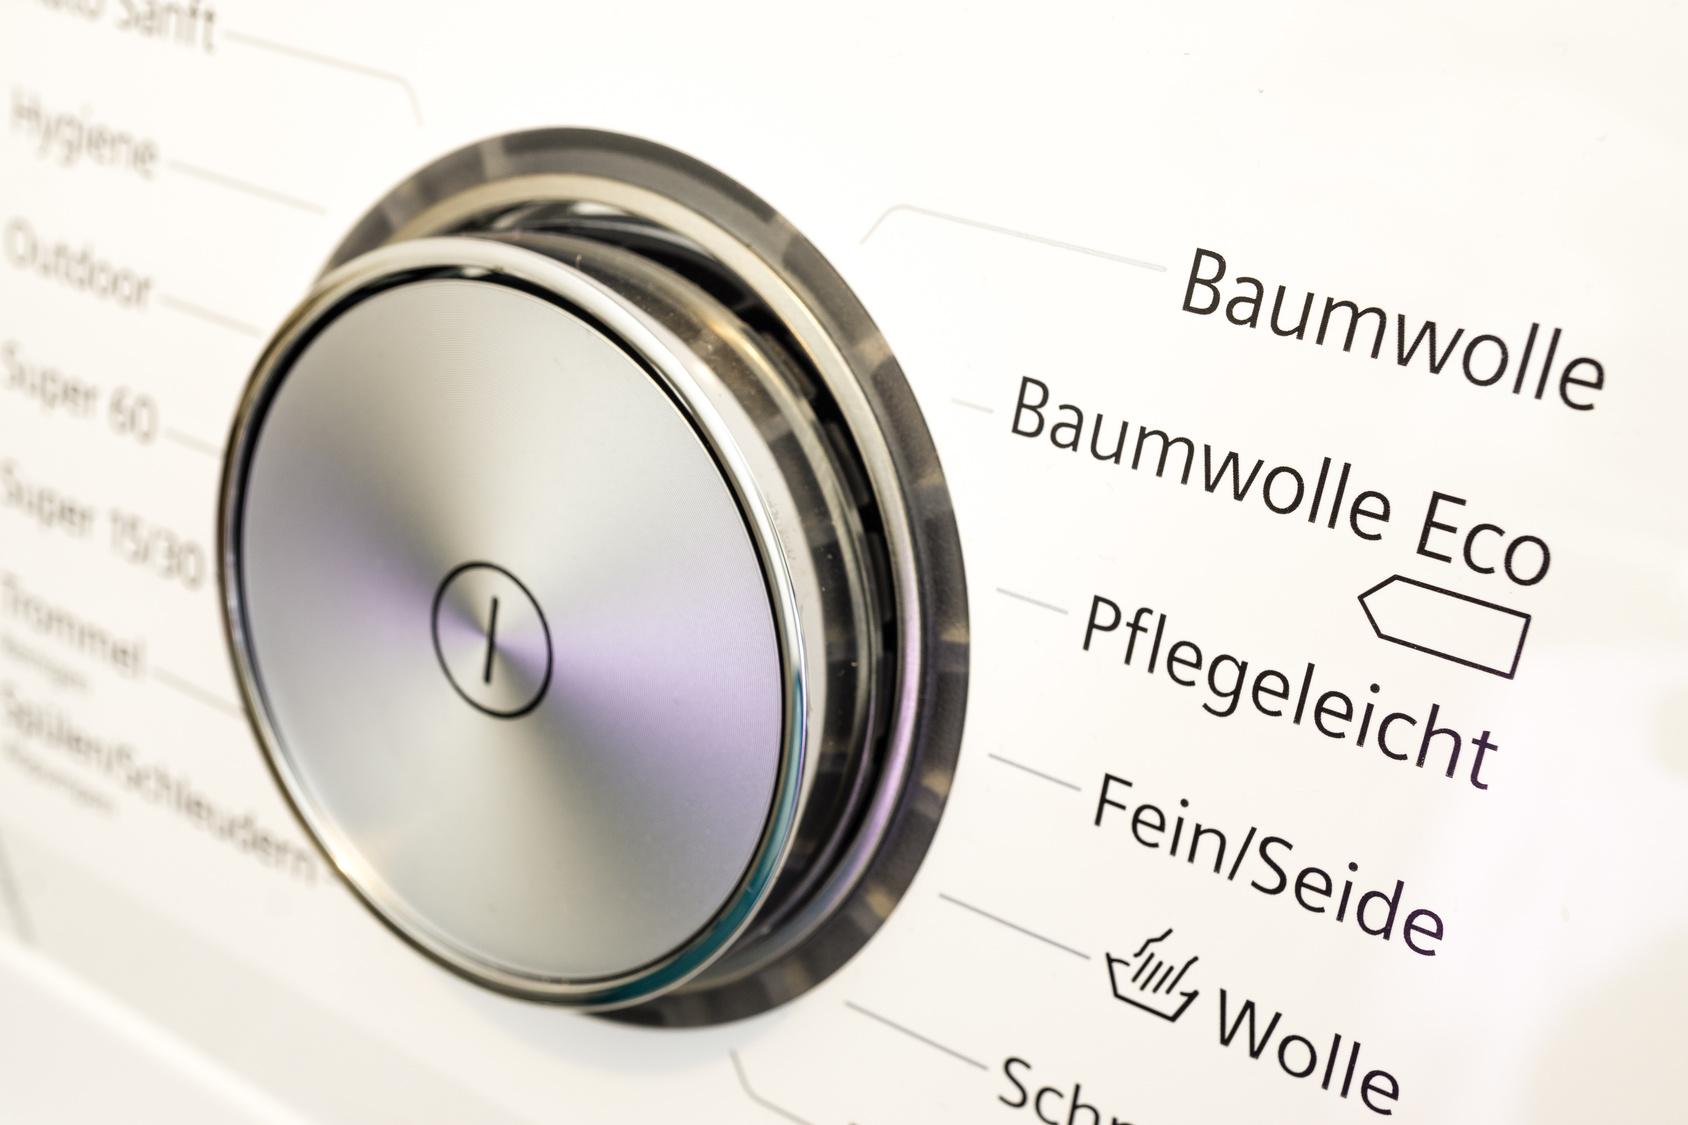  Stromsparende Geräte kaufen: Ob Waschmaschine, Kühlschrank oder Mikrowelle, die Energiebilanz von elektronischen Geräten fällt unterschiedlich aus.